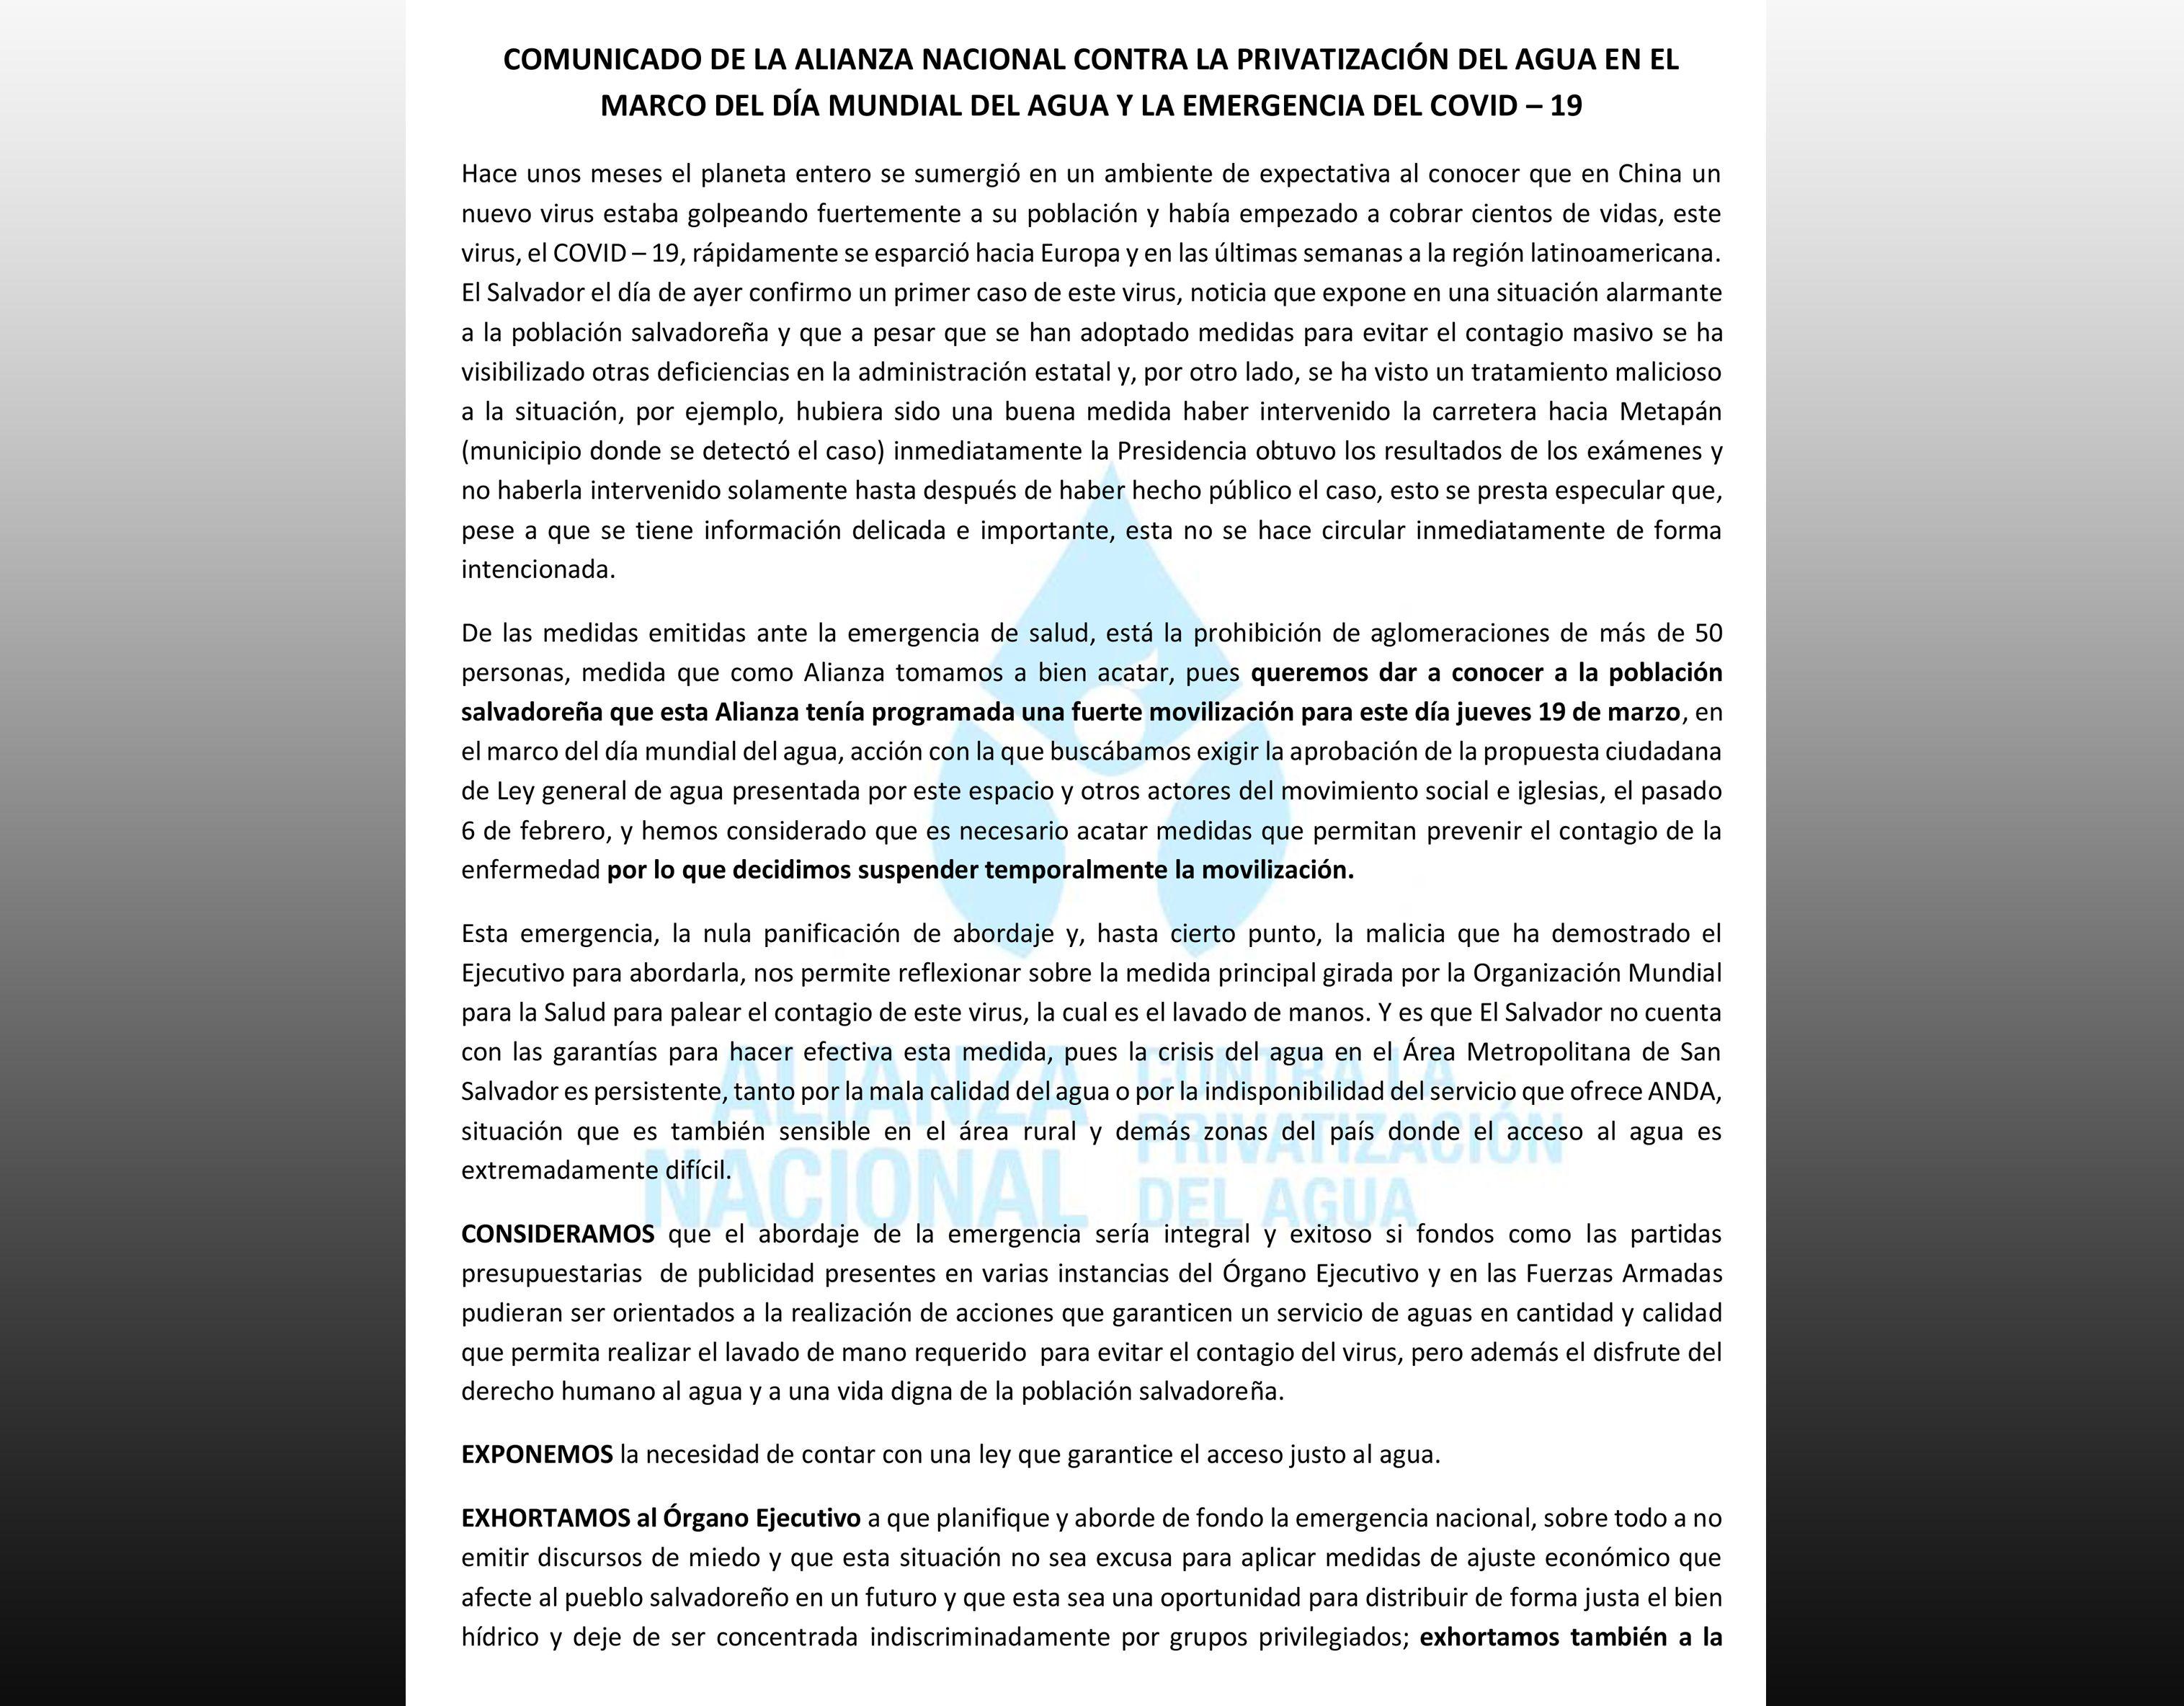 COMUNICADO: en el marco del Día Mundial del Agua y emergencia por COVID-19